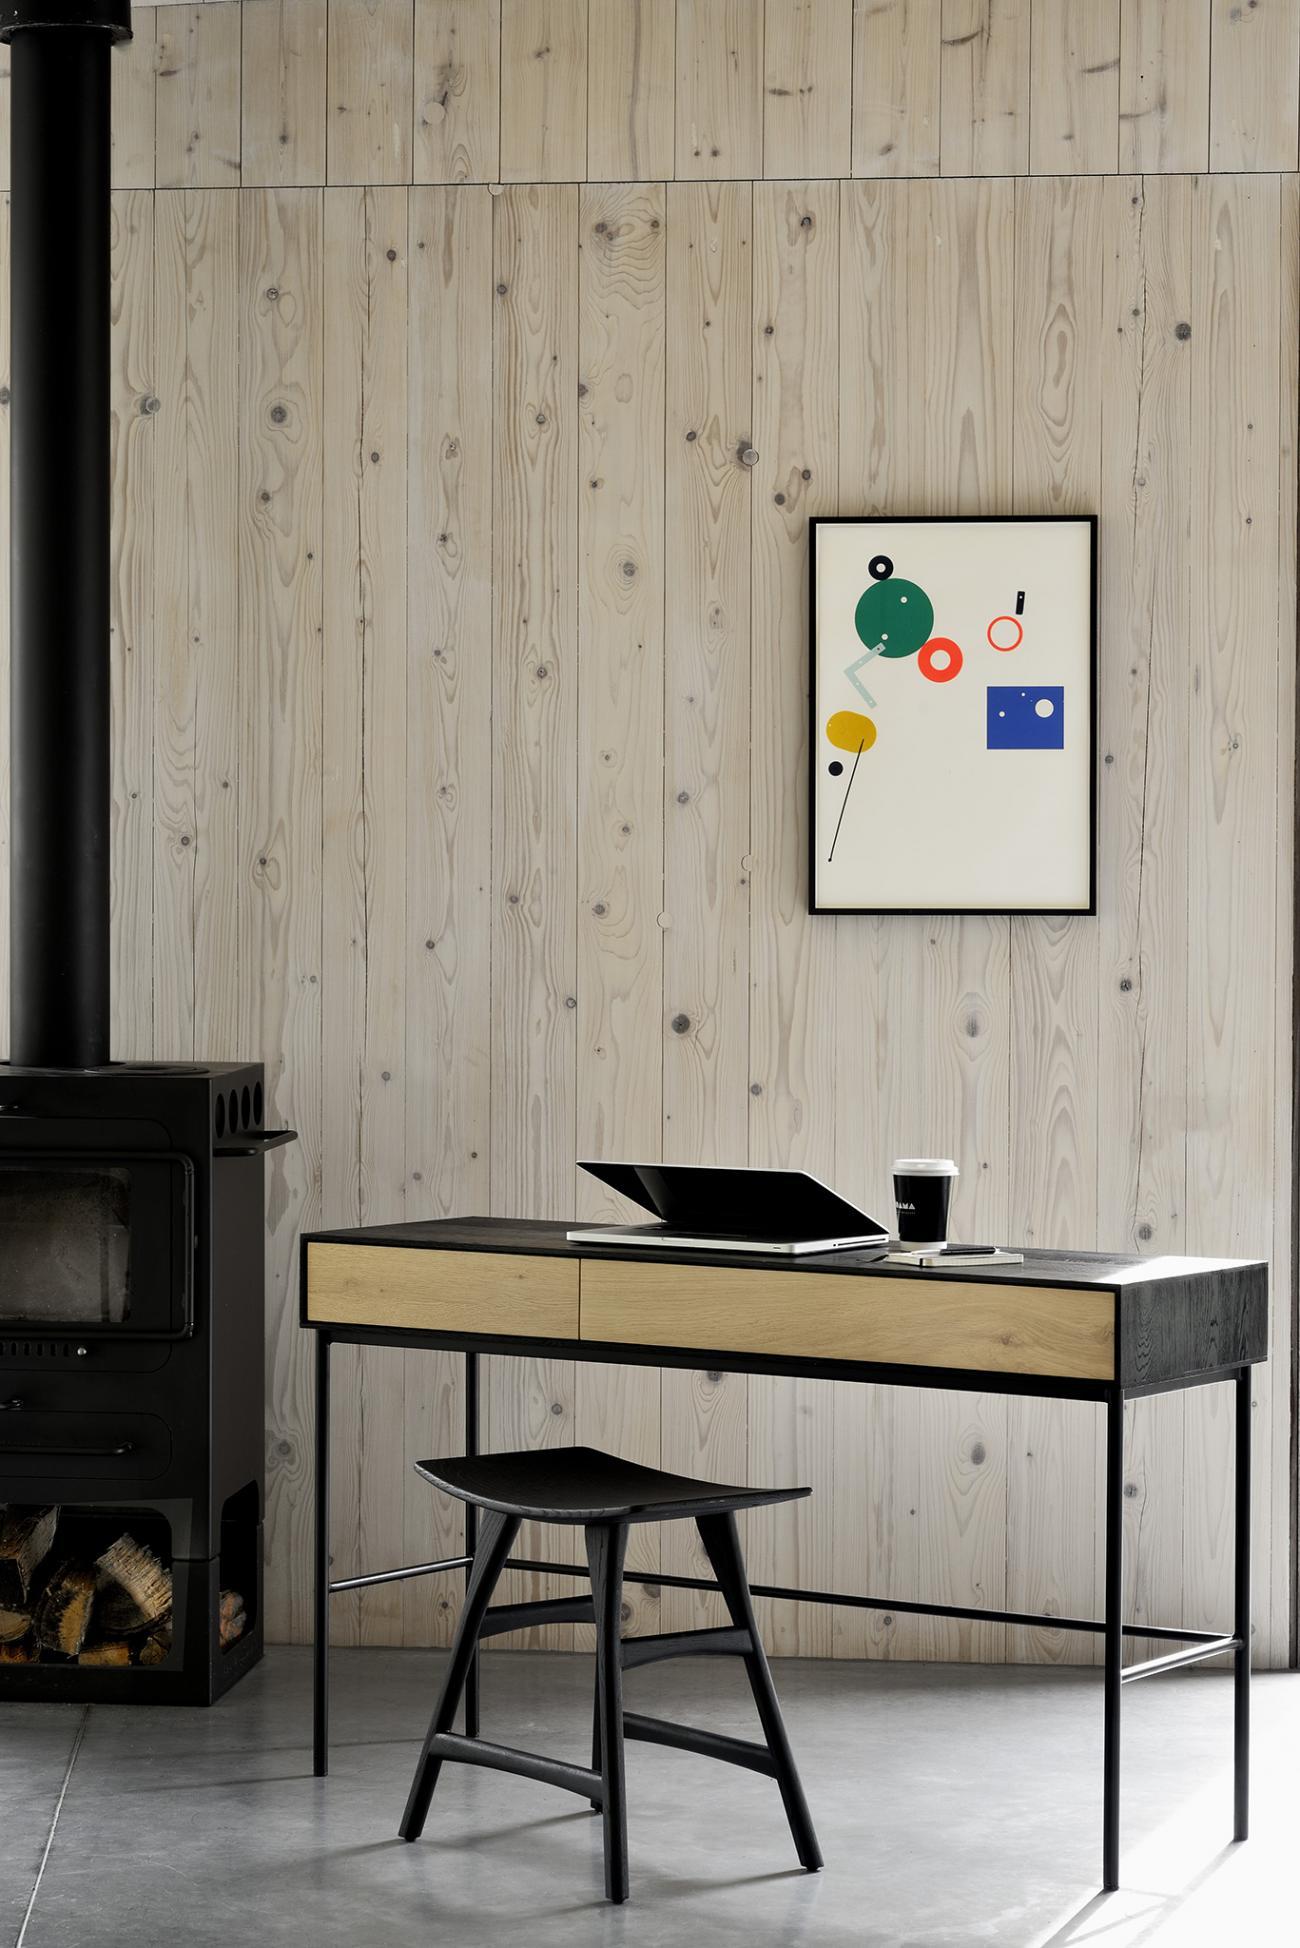 https://www.fundesign.nl/media/catalog/product/5/1/51478_oak_blackbird_desk_53040_oak_black_osso_stool.jpg